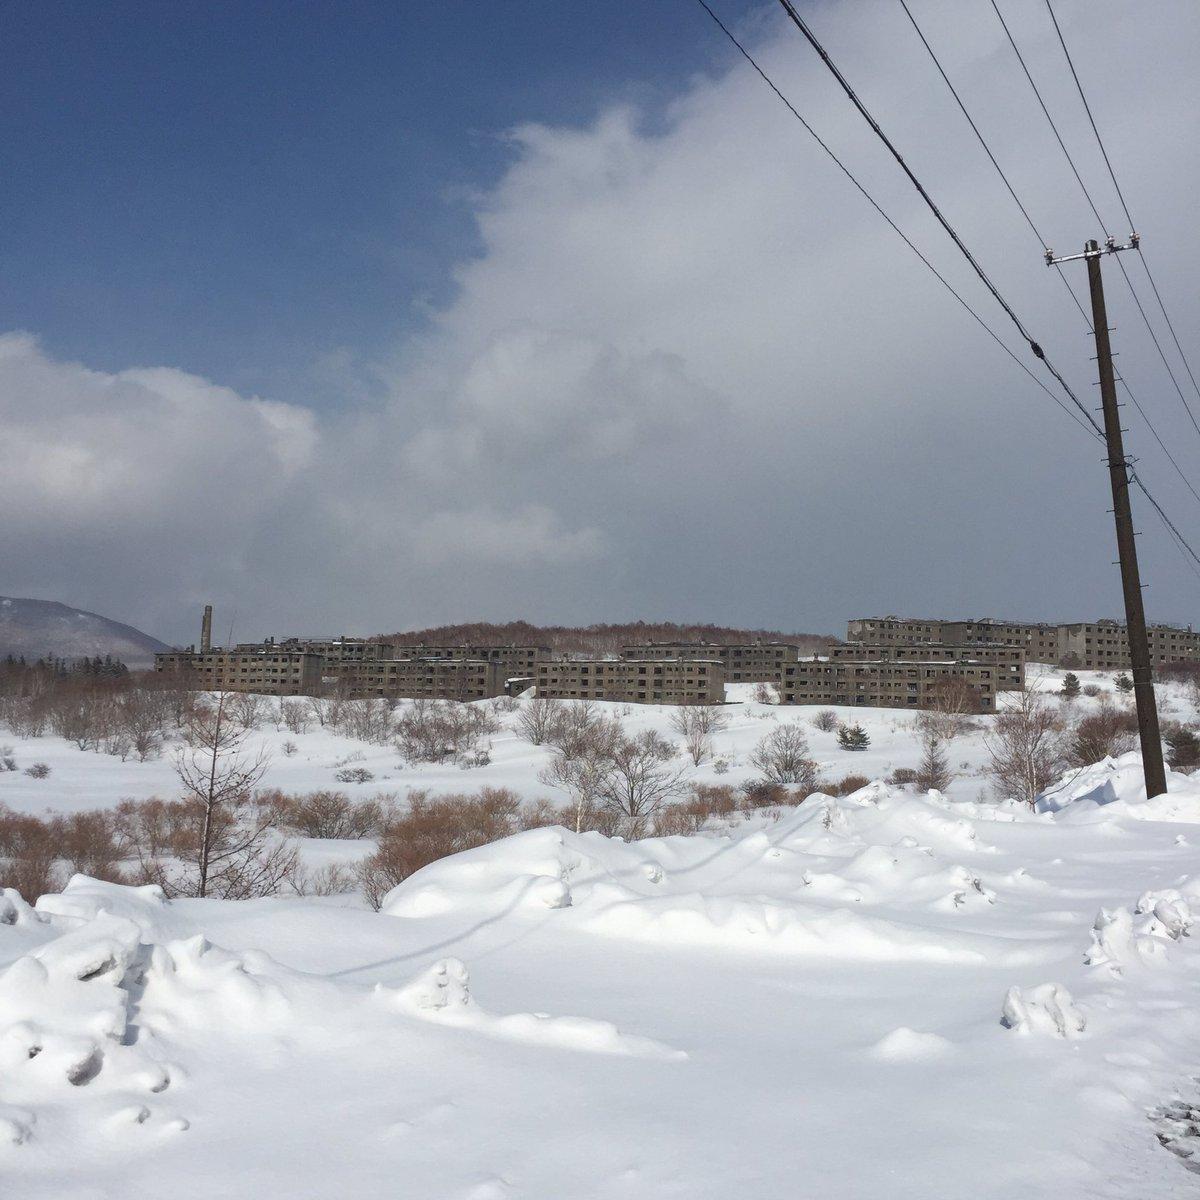 巨大廃墟・松尾鉱山は岩手県にあります。圧巻の景色。こちらは冬バージョン☃️  #東北でよかった https://t.co/cToWJzqyO...